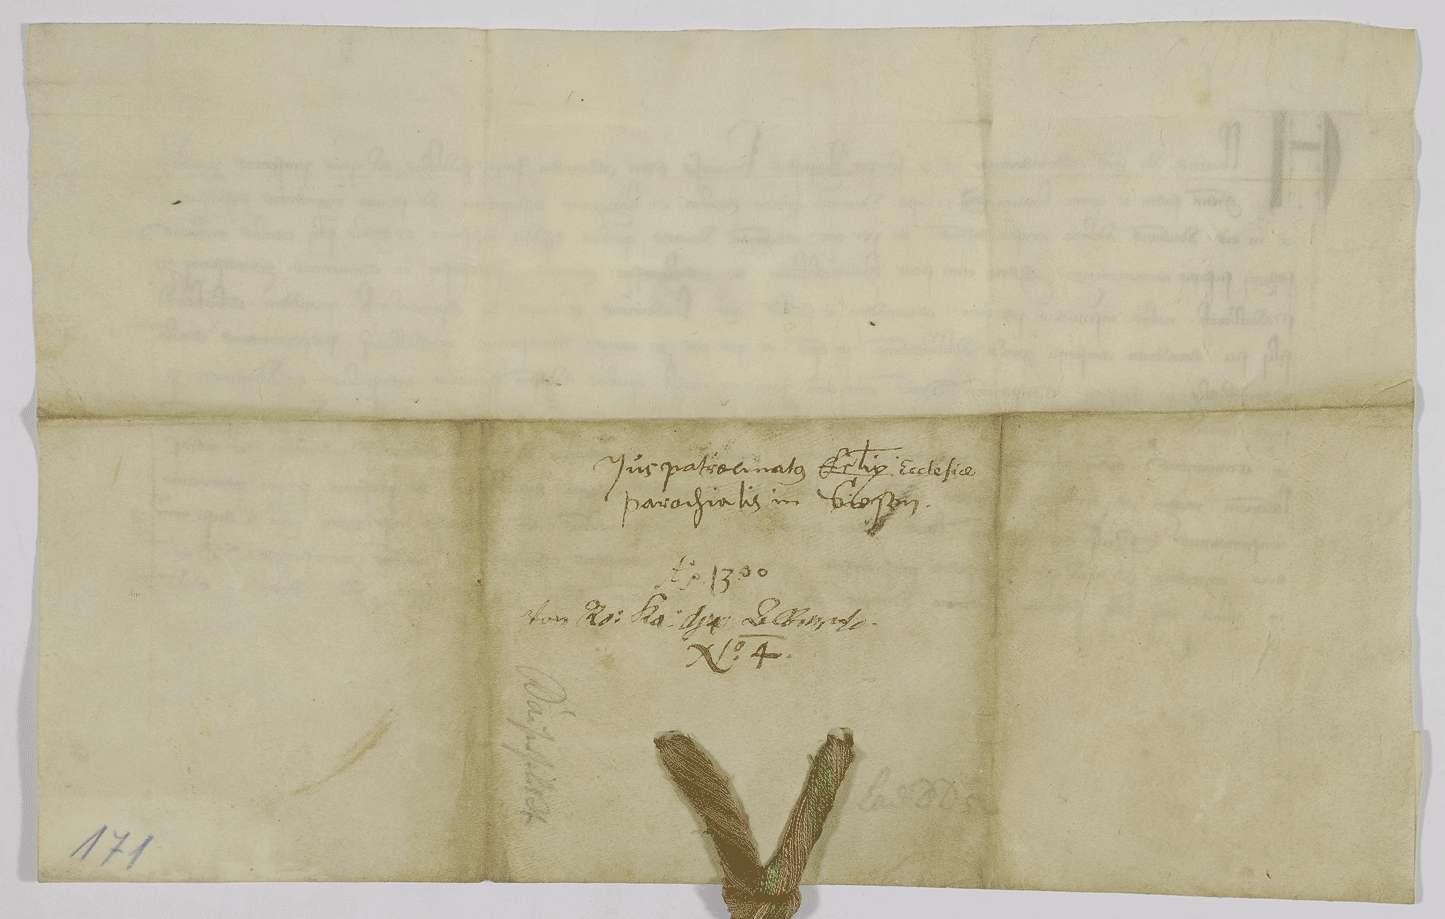 König Albrecht bestätigt dem Kloster Adelberg den Besitz der von Graf Ludwig von Spitzenberg ihm geschenkten Kirche in Süßen., Bild 2